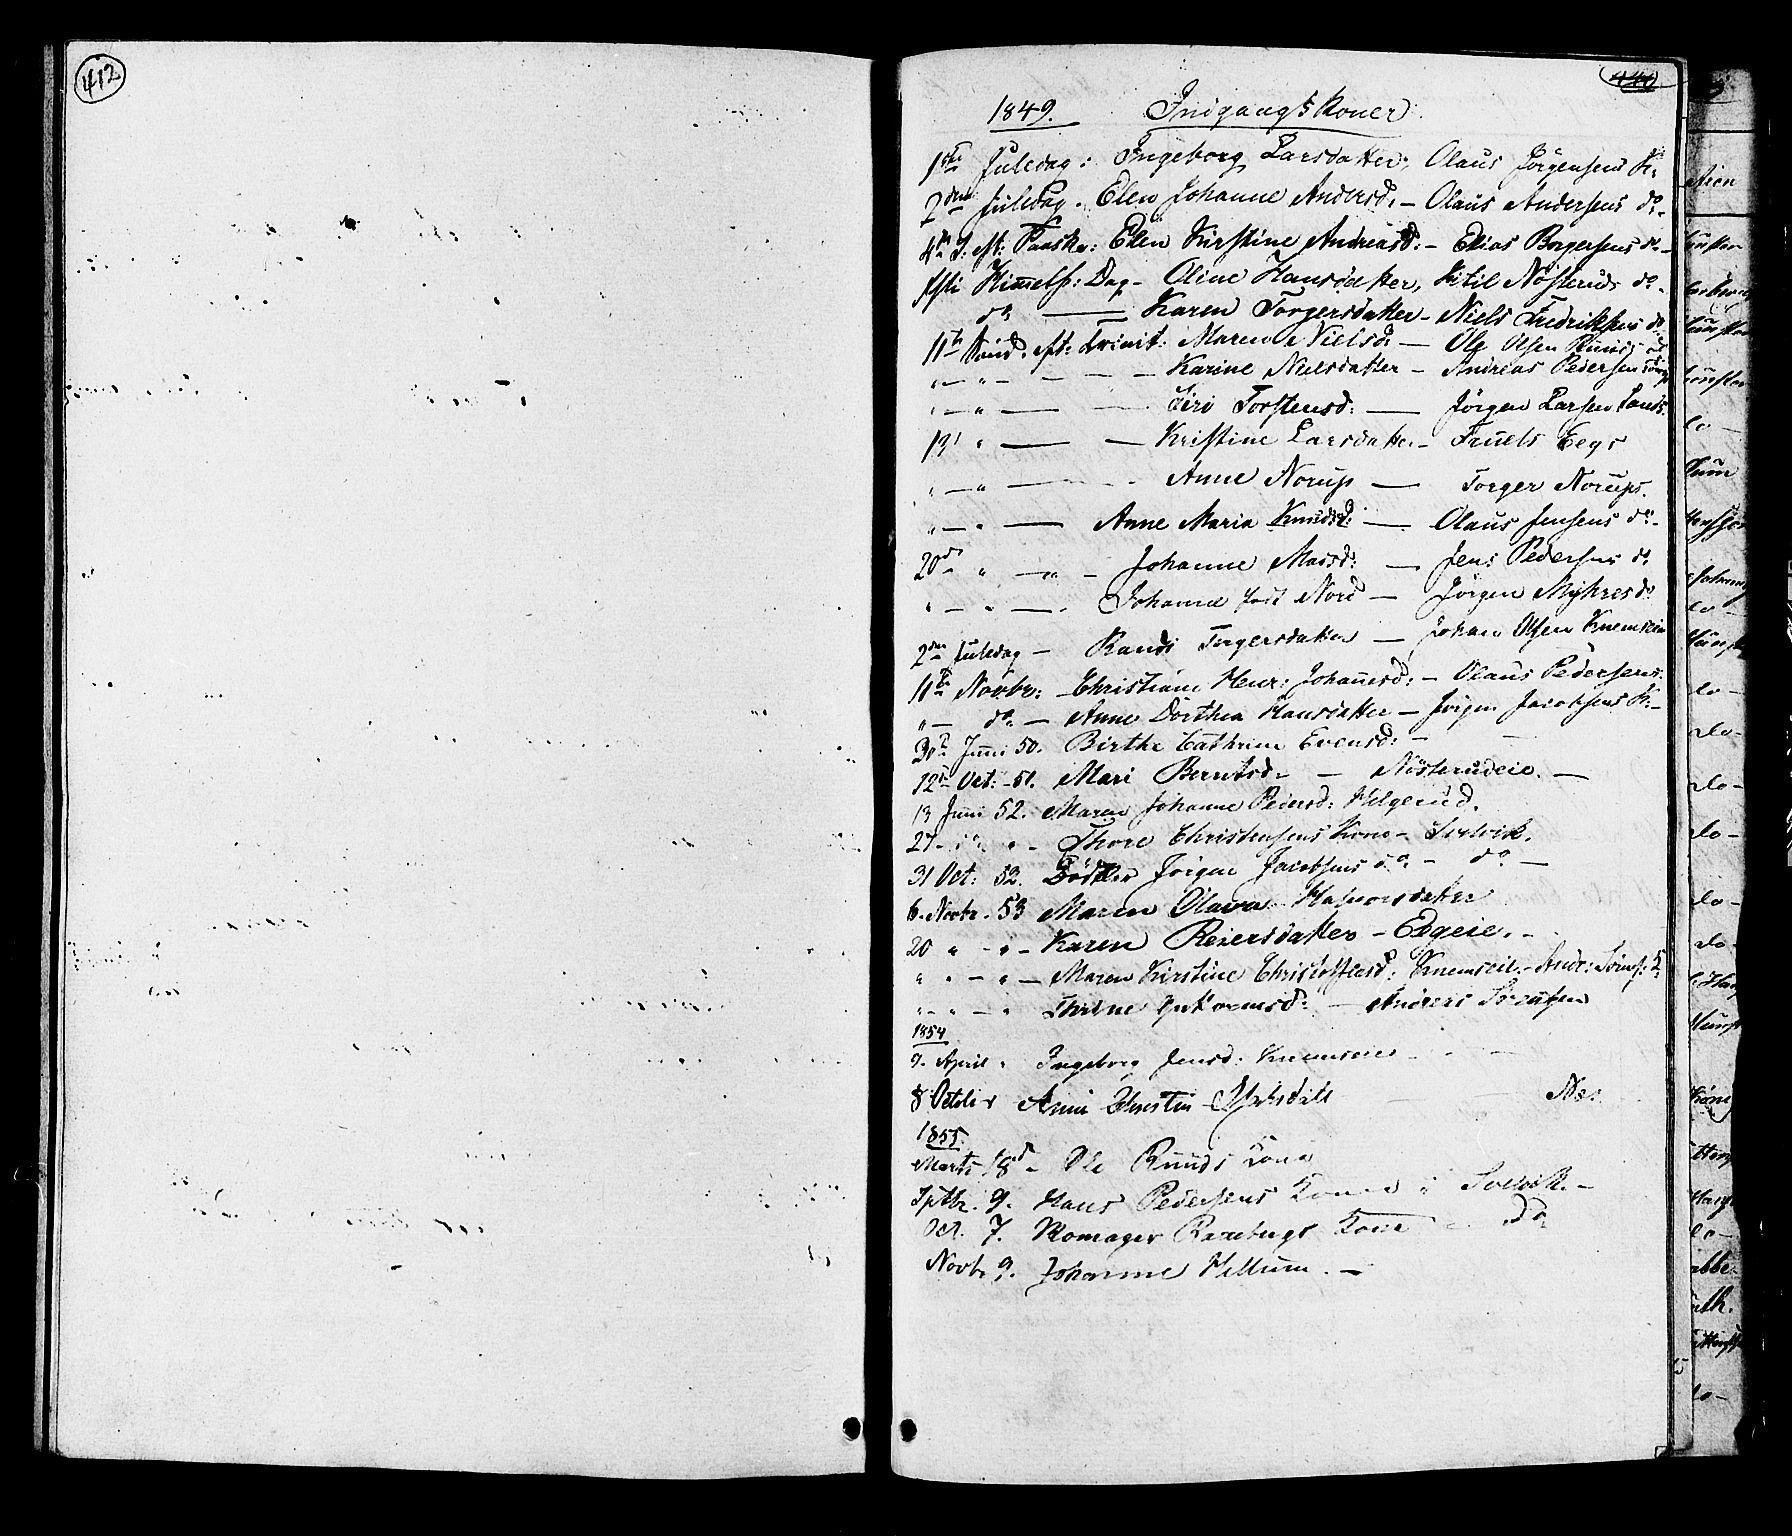 SAKO, Hurum kirkebøker, G/Ga/L0002: Klokkerbok nr. I 2, 1827-1857, s. 412